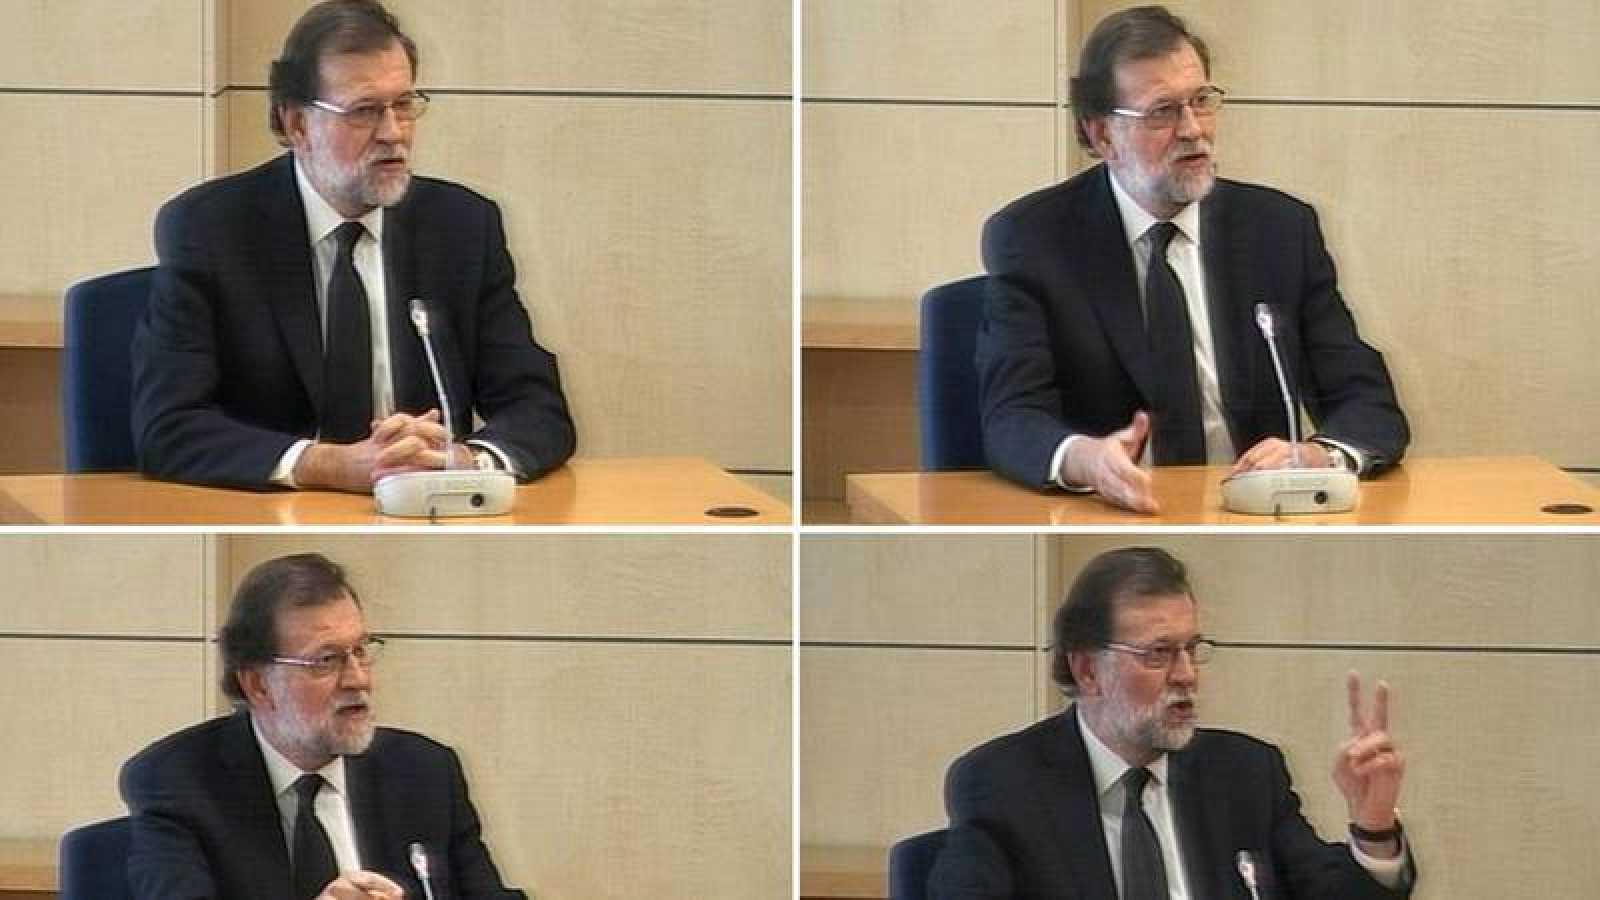 Las Frases De Rajoy En El Juicio Del Caso Gürtel Rtvees